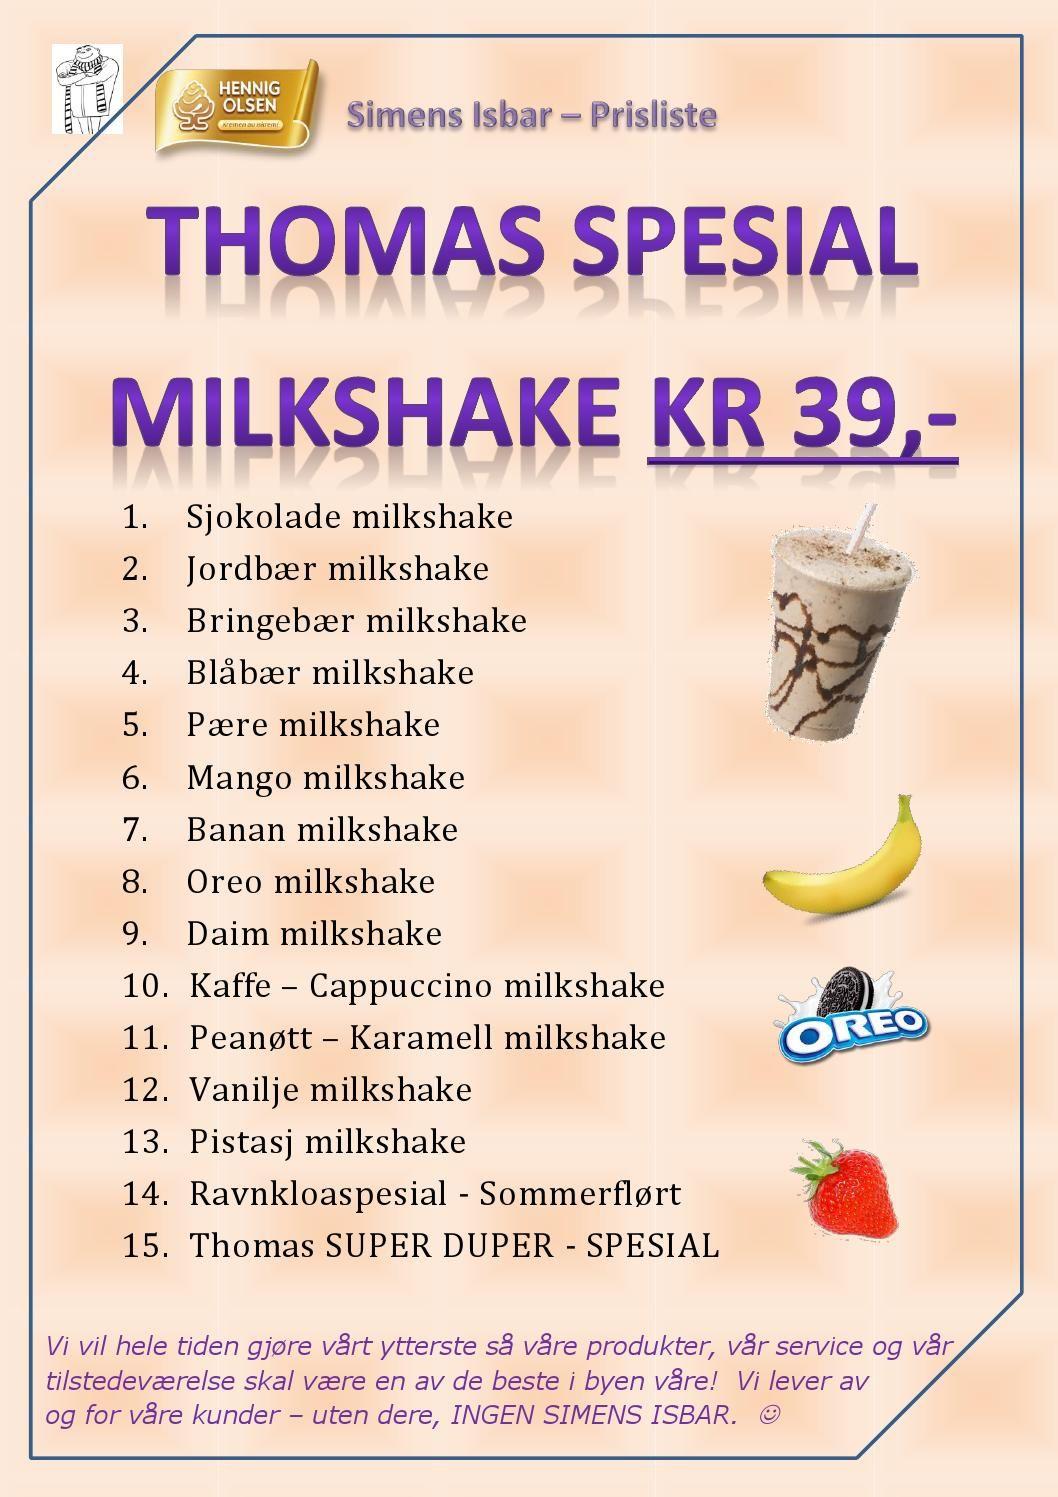 Milkshake Simens Isbar